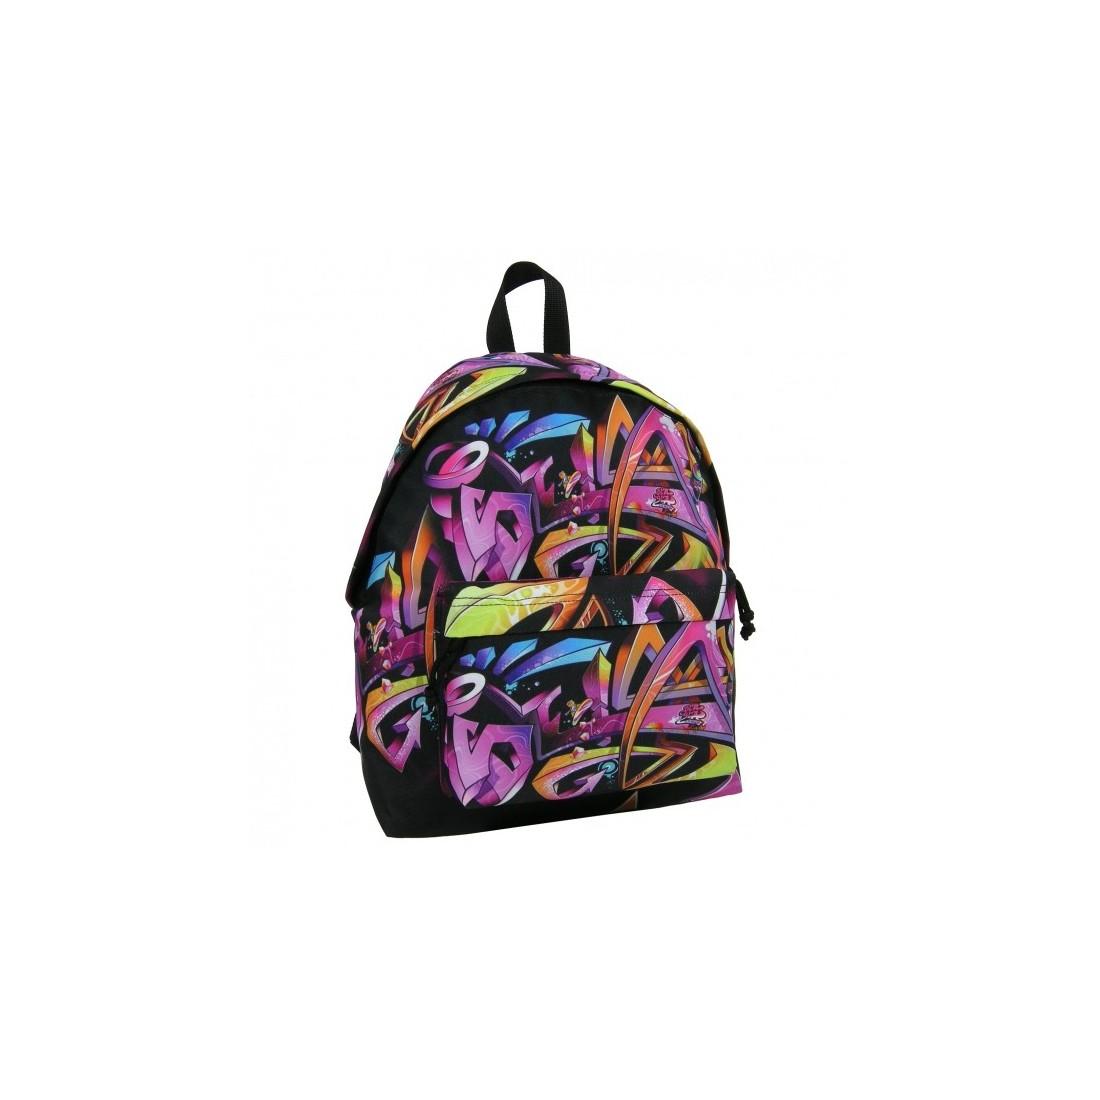 Plecak młodzieżowy Fullprint Graffiti - plecak-tornister.pl